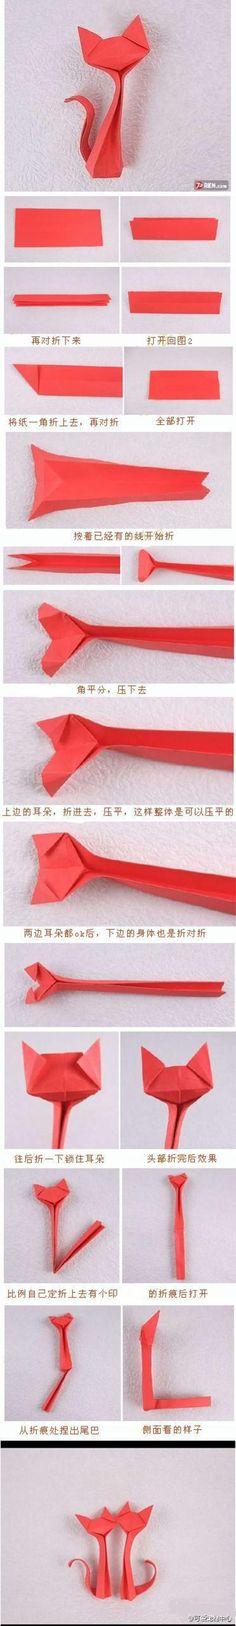 Origami Katze